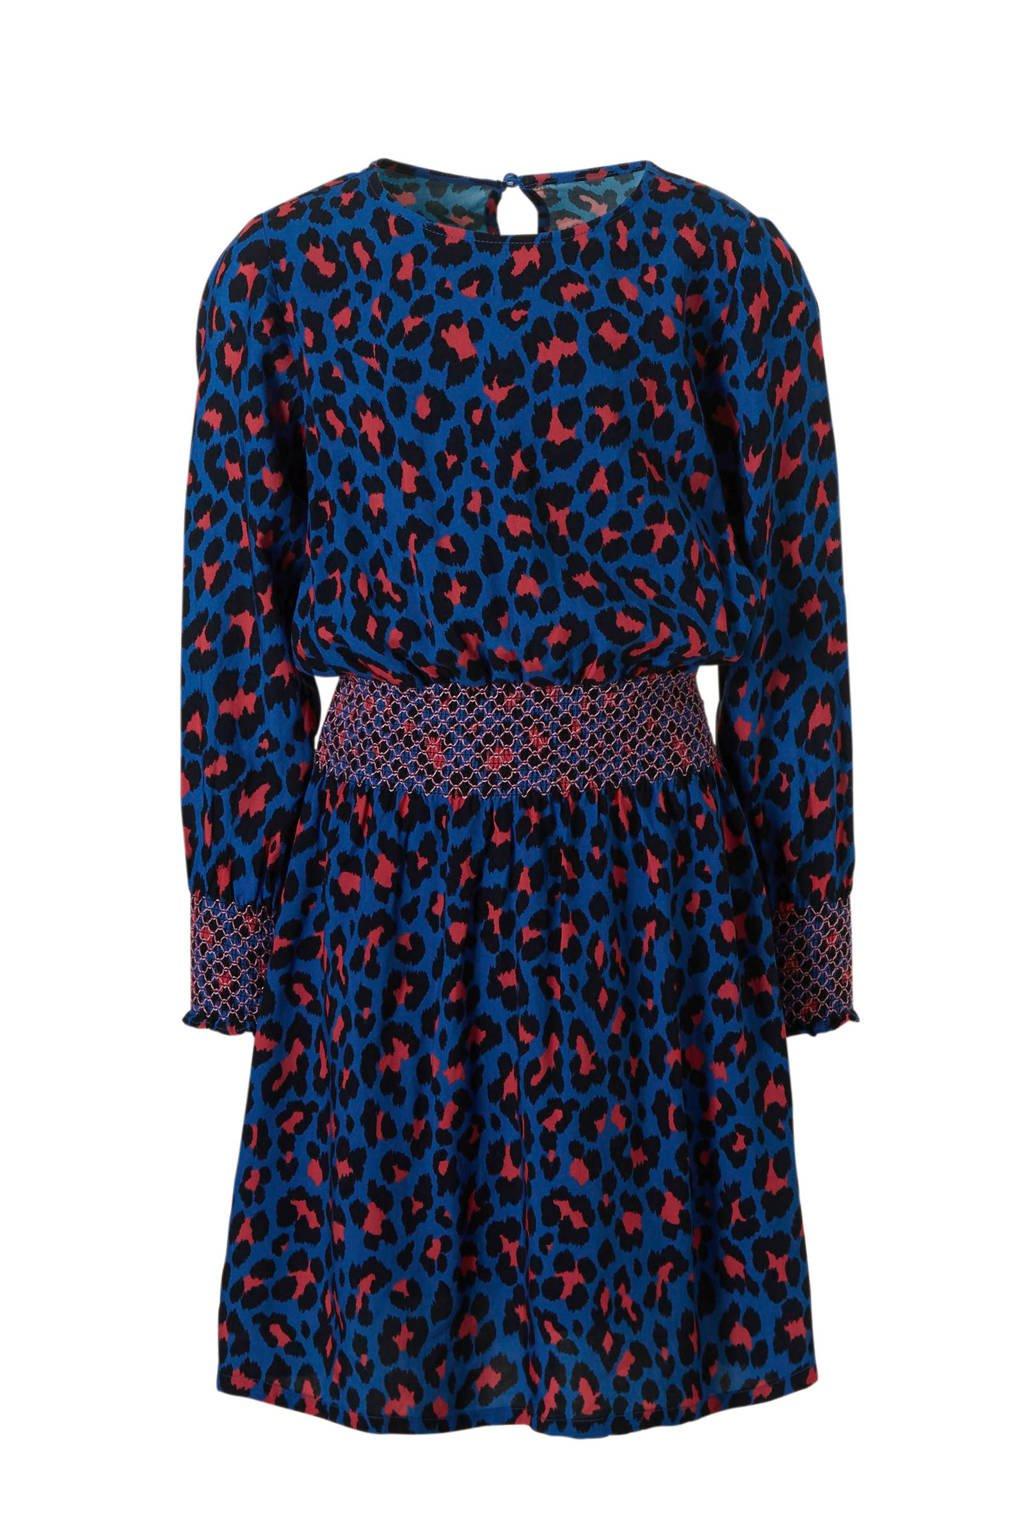 KIDSONLY jurk Ida met panterprint, Kobaltblauw/ zwart/ roze